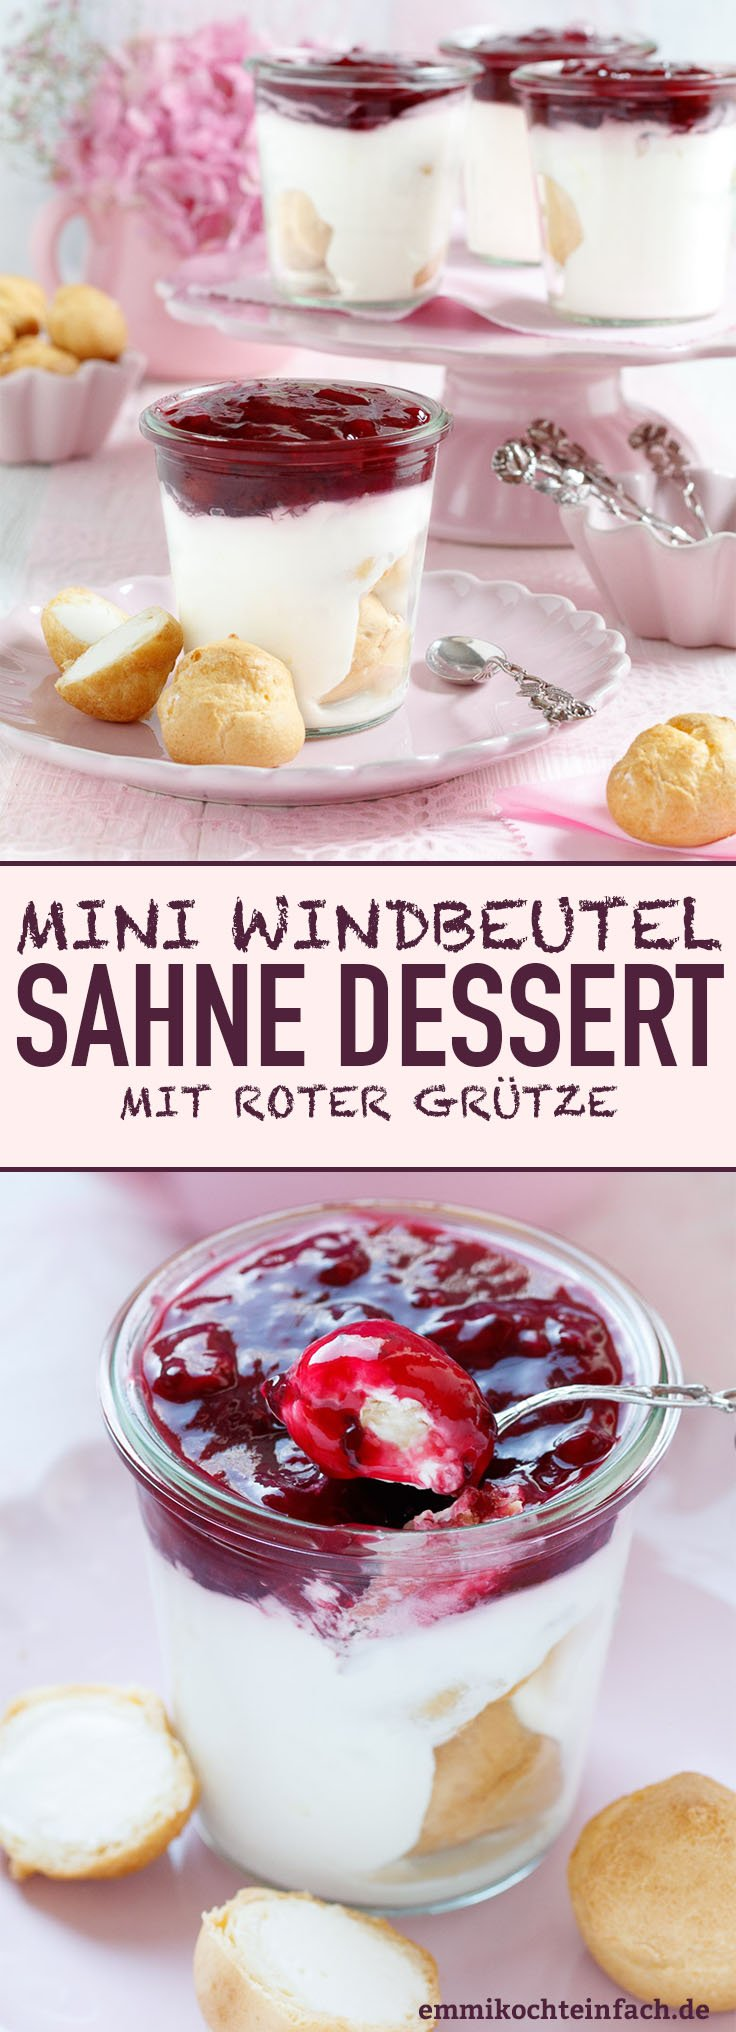 Sahnedessert mit roter Grütze - www.emmikochteinfach.de